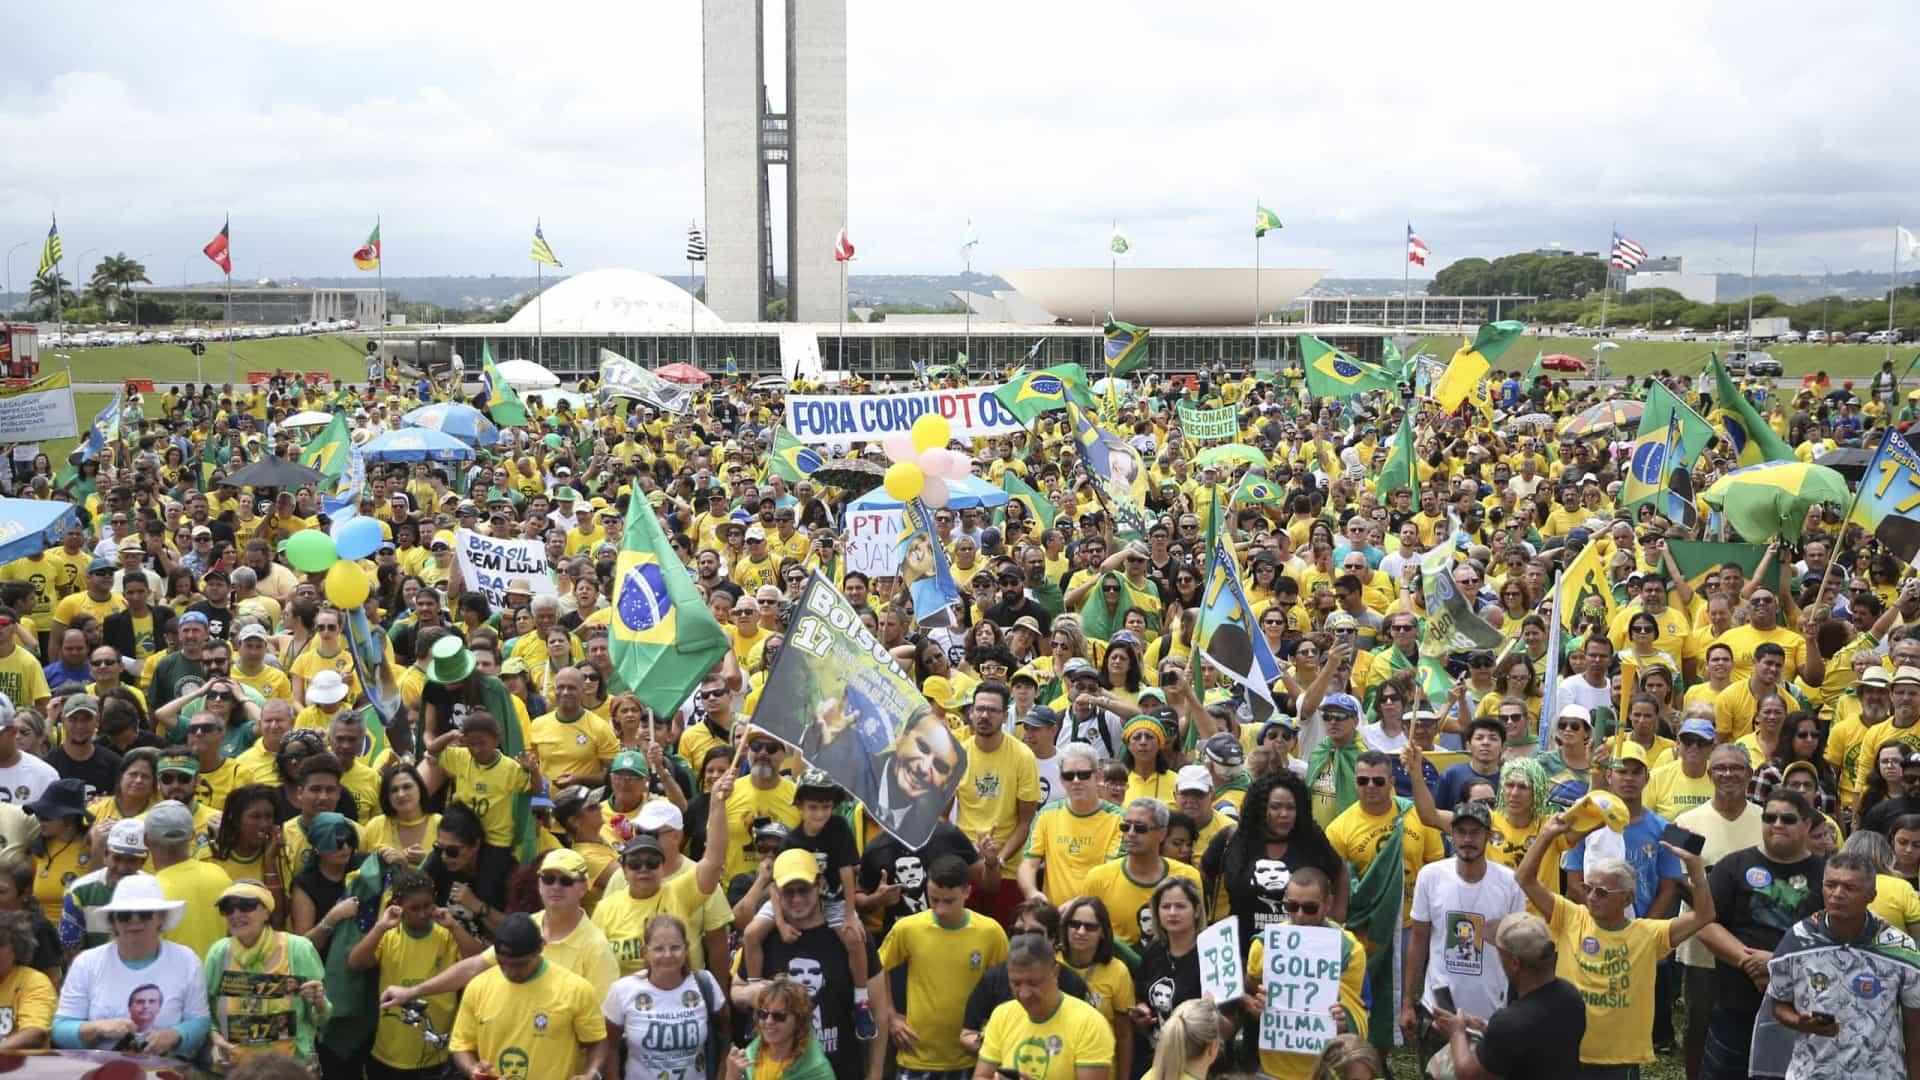 naom 5f1487cc22367 - ELEIÇÕES MUNICIPAIS: apoiados por Bolsonaro derrapam em pesquisas; confira